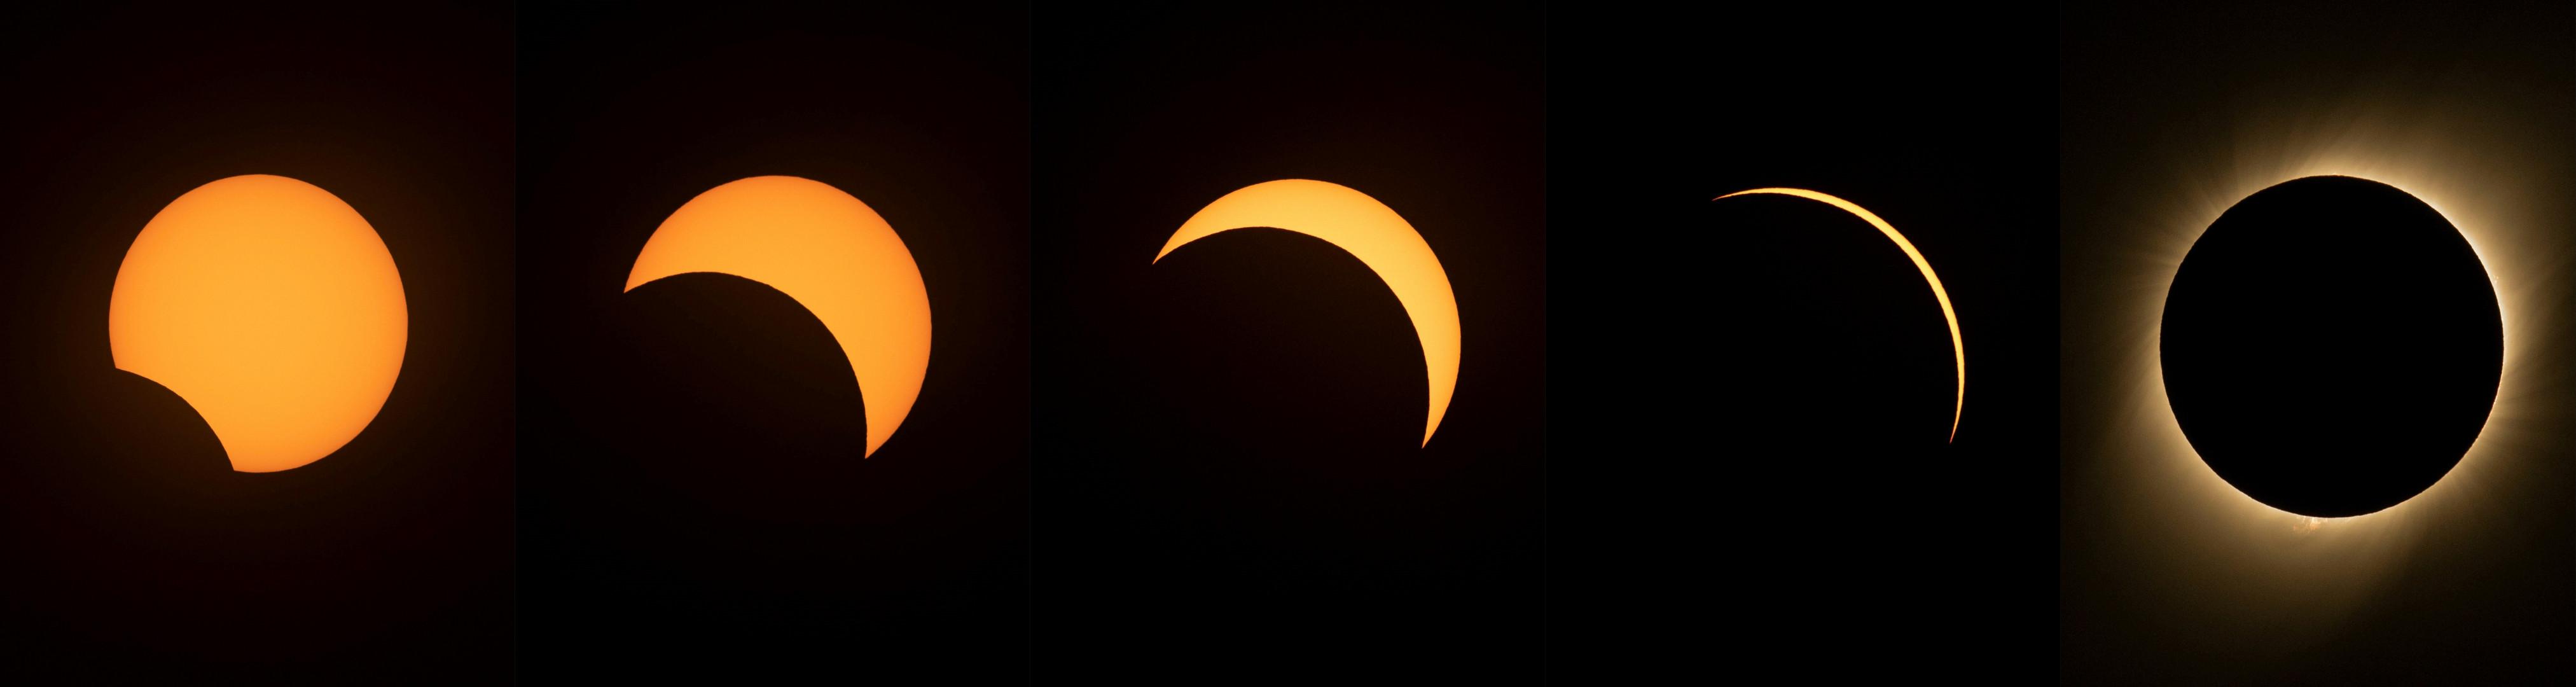 Les différentes phases de l'éclipse totale du Soleil au-dessus du Chili le 2 juillet 2019